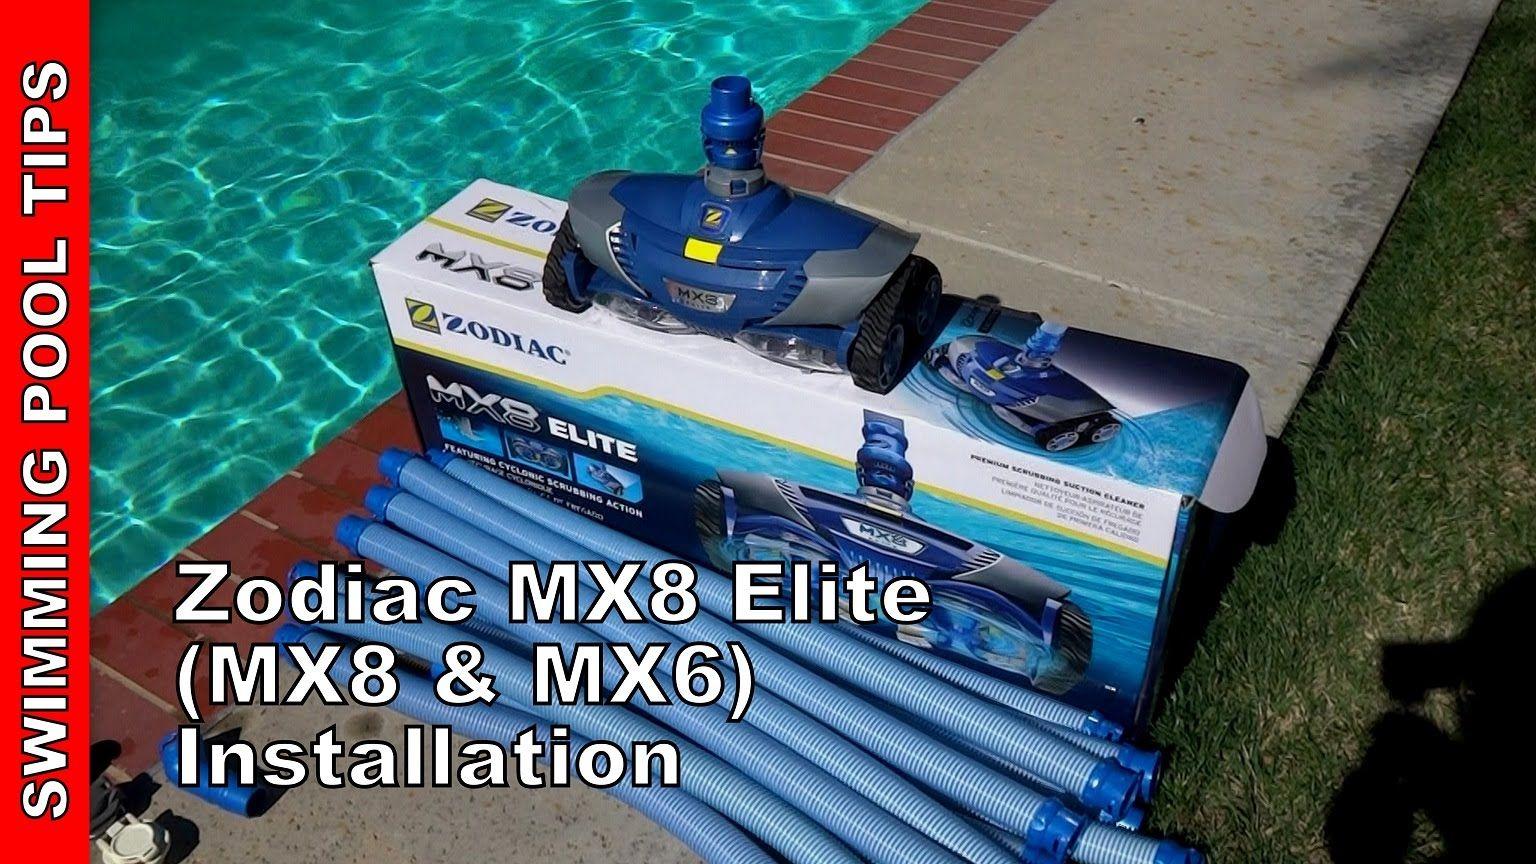 Zodiac Mx8 Elite Installation Mx8 And Mx6 Zodiac Mx8 Installation Zodiac